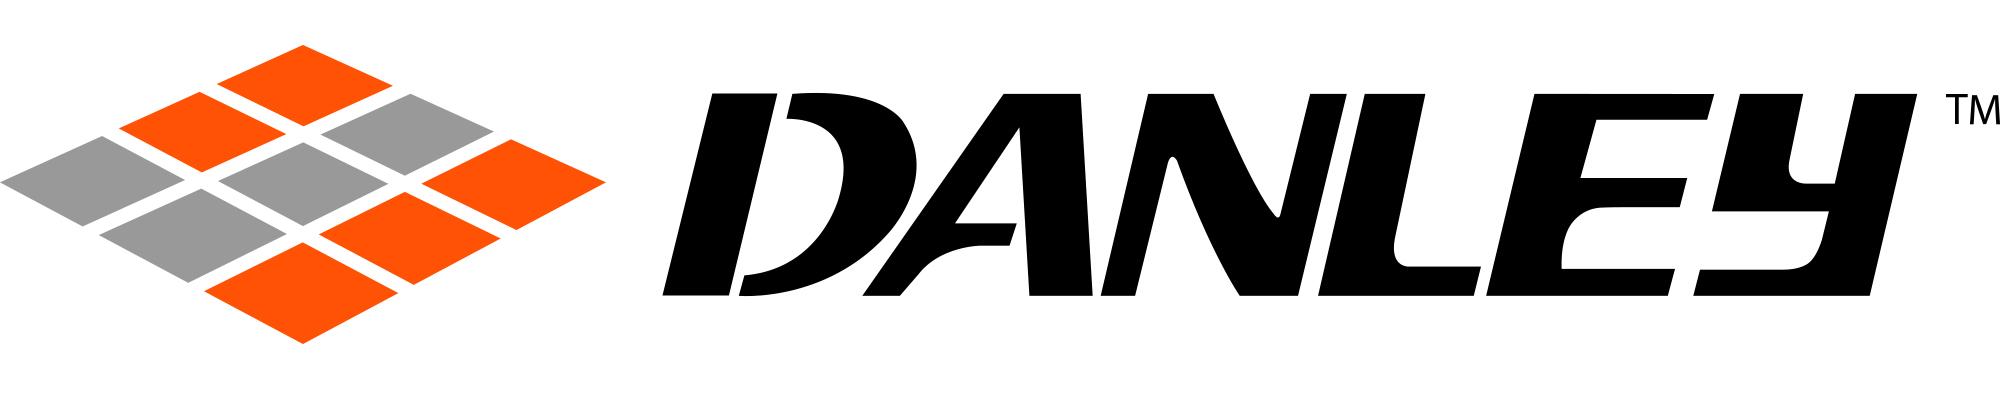 Danley